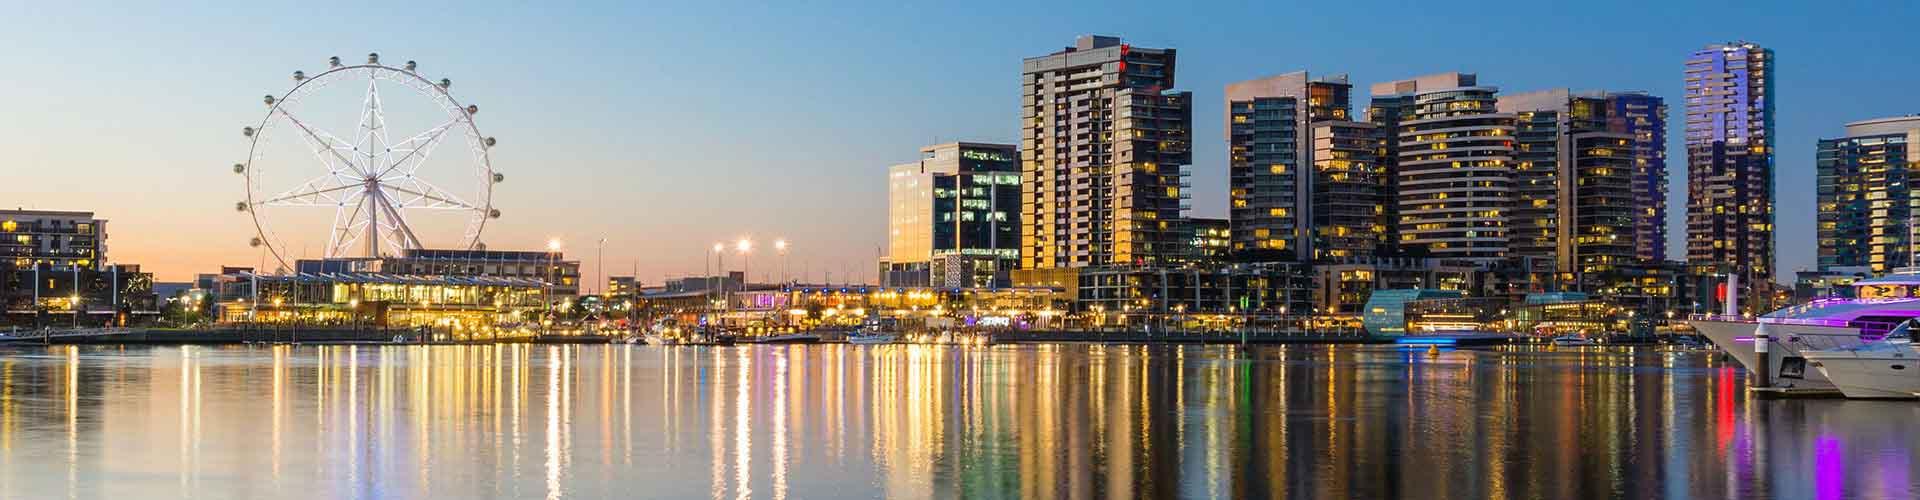 Melbourne - Ifjúsági Szállások Melbourneben. Melbourne térképek, fotók és ajánlások minden egyes ifjúsági szállásokra Melbourne-ben.